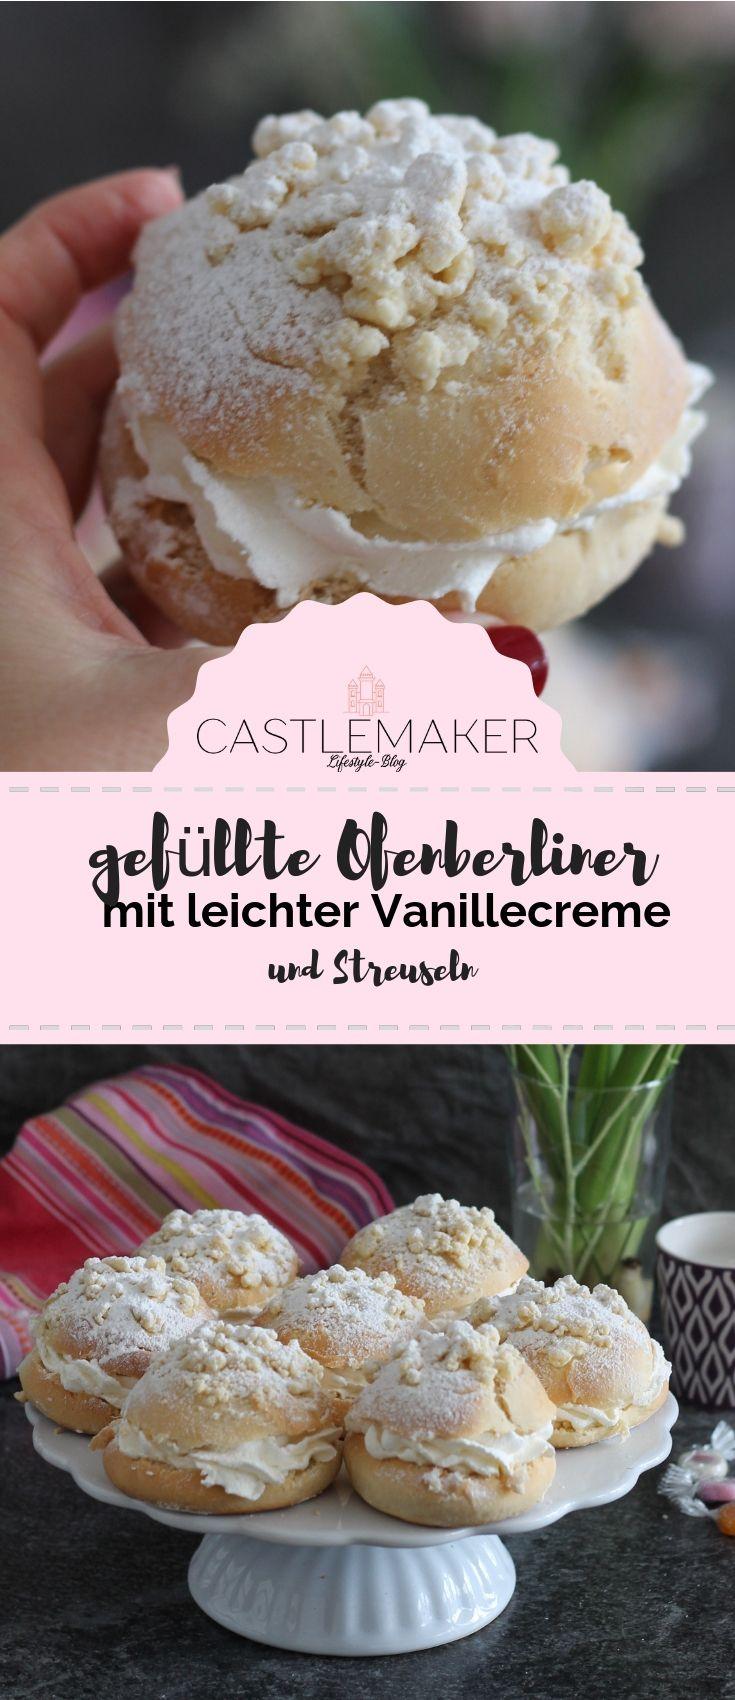 REZEPT // Gefüllte Streuseltaler mit Vanillecreme - gefüllte Ofenberliner #donutcake